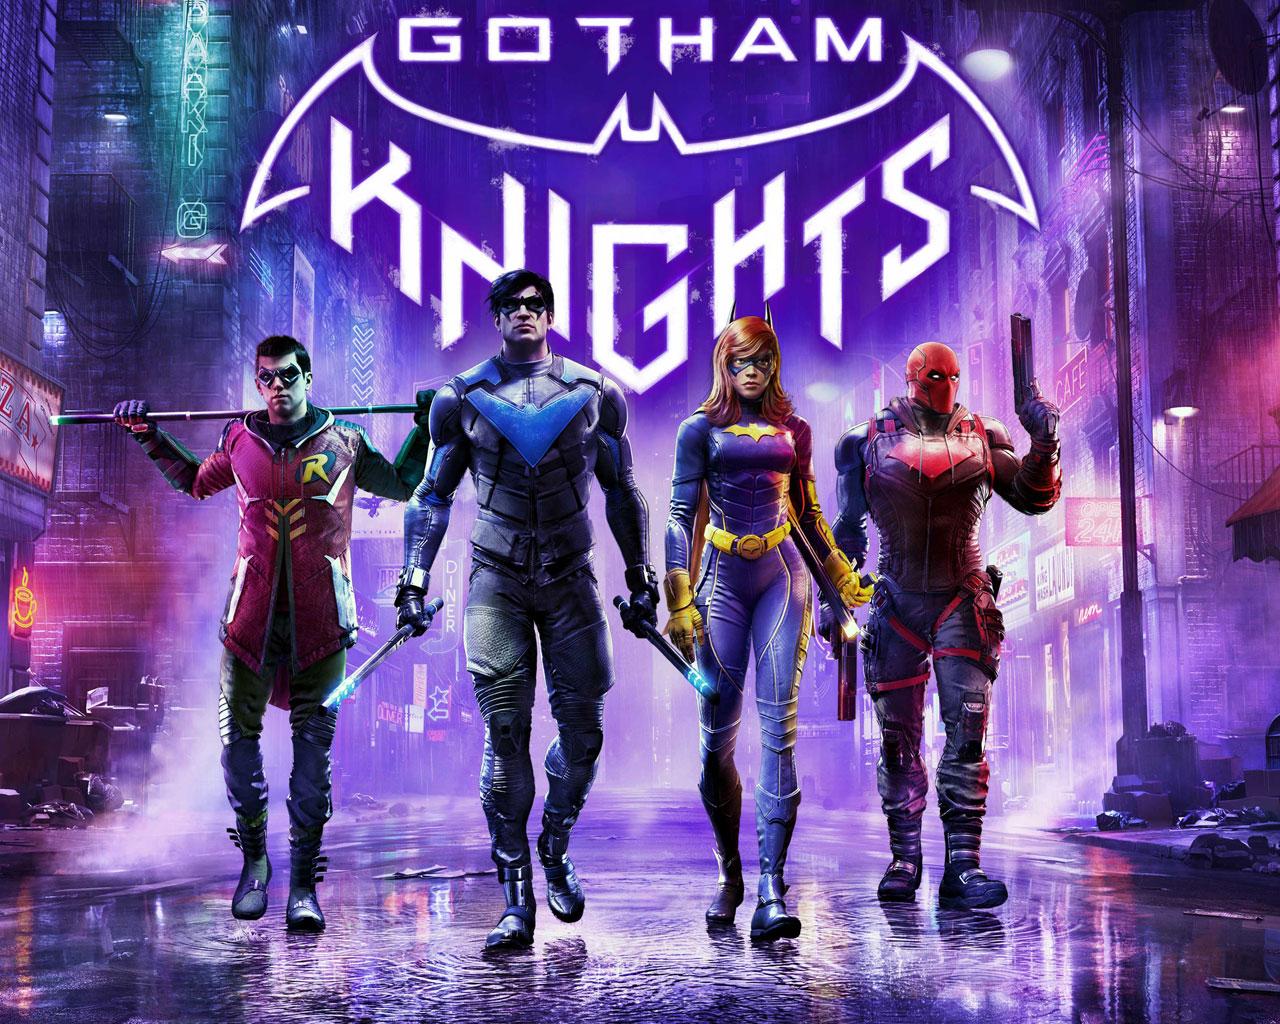 Free Gotham Knights Wallpaper in 1280x1024